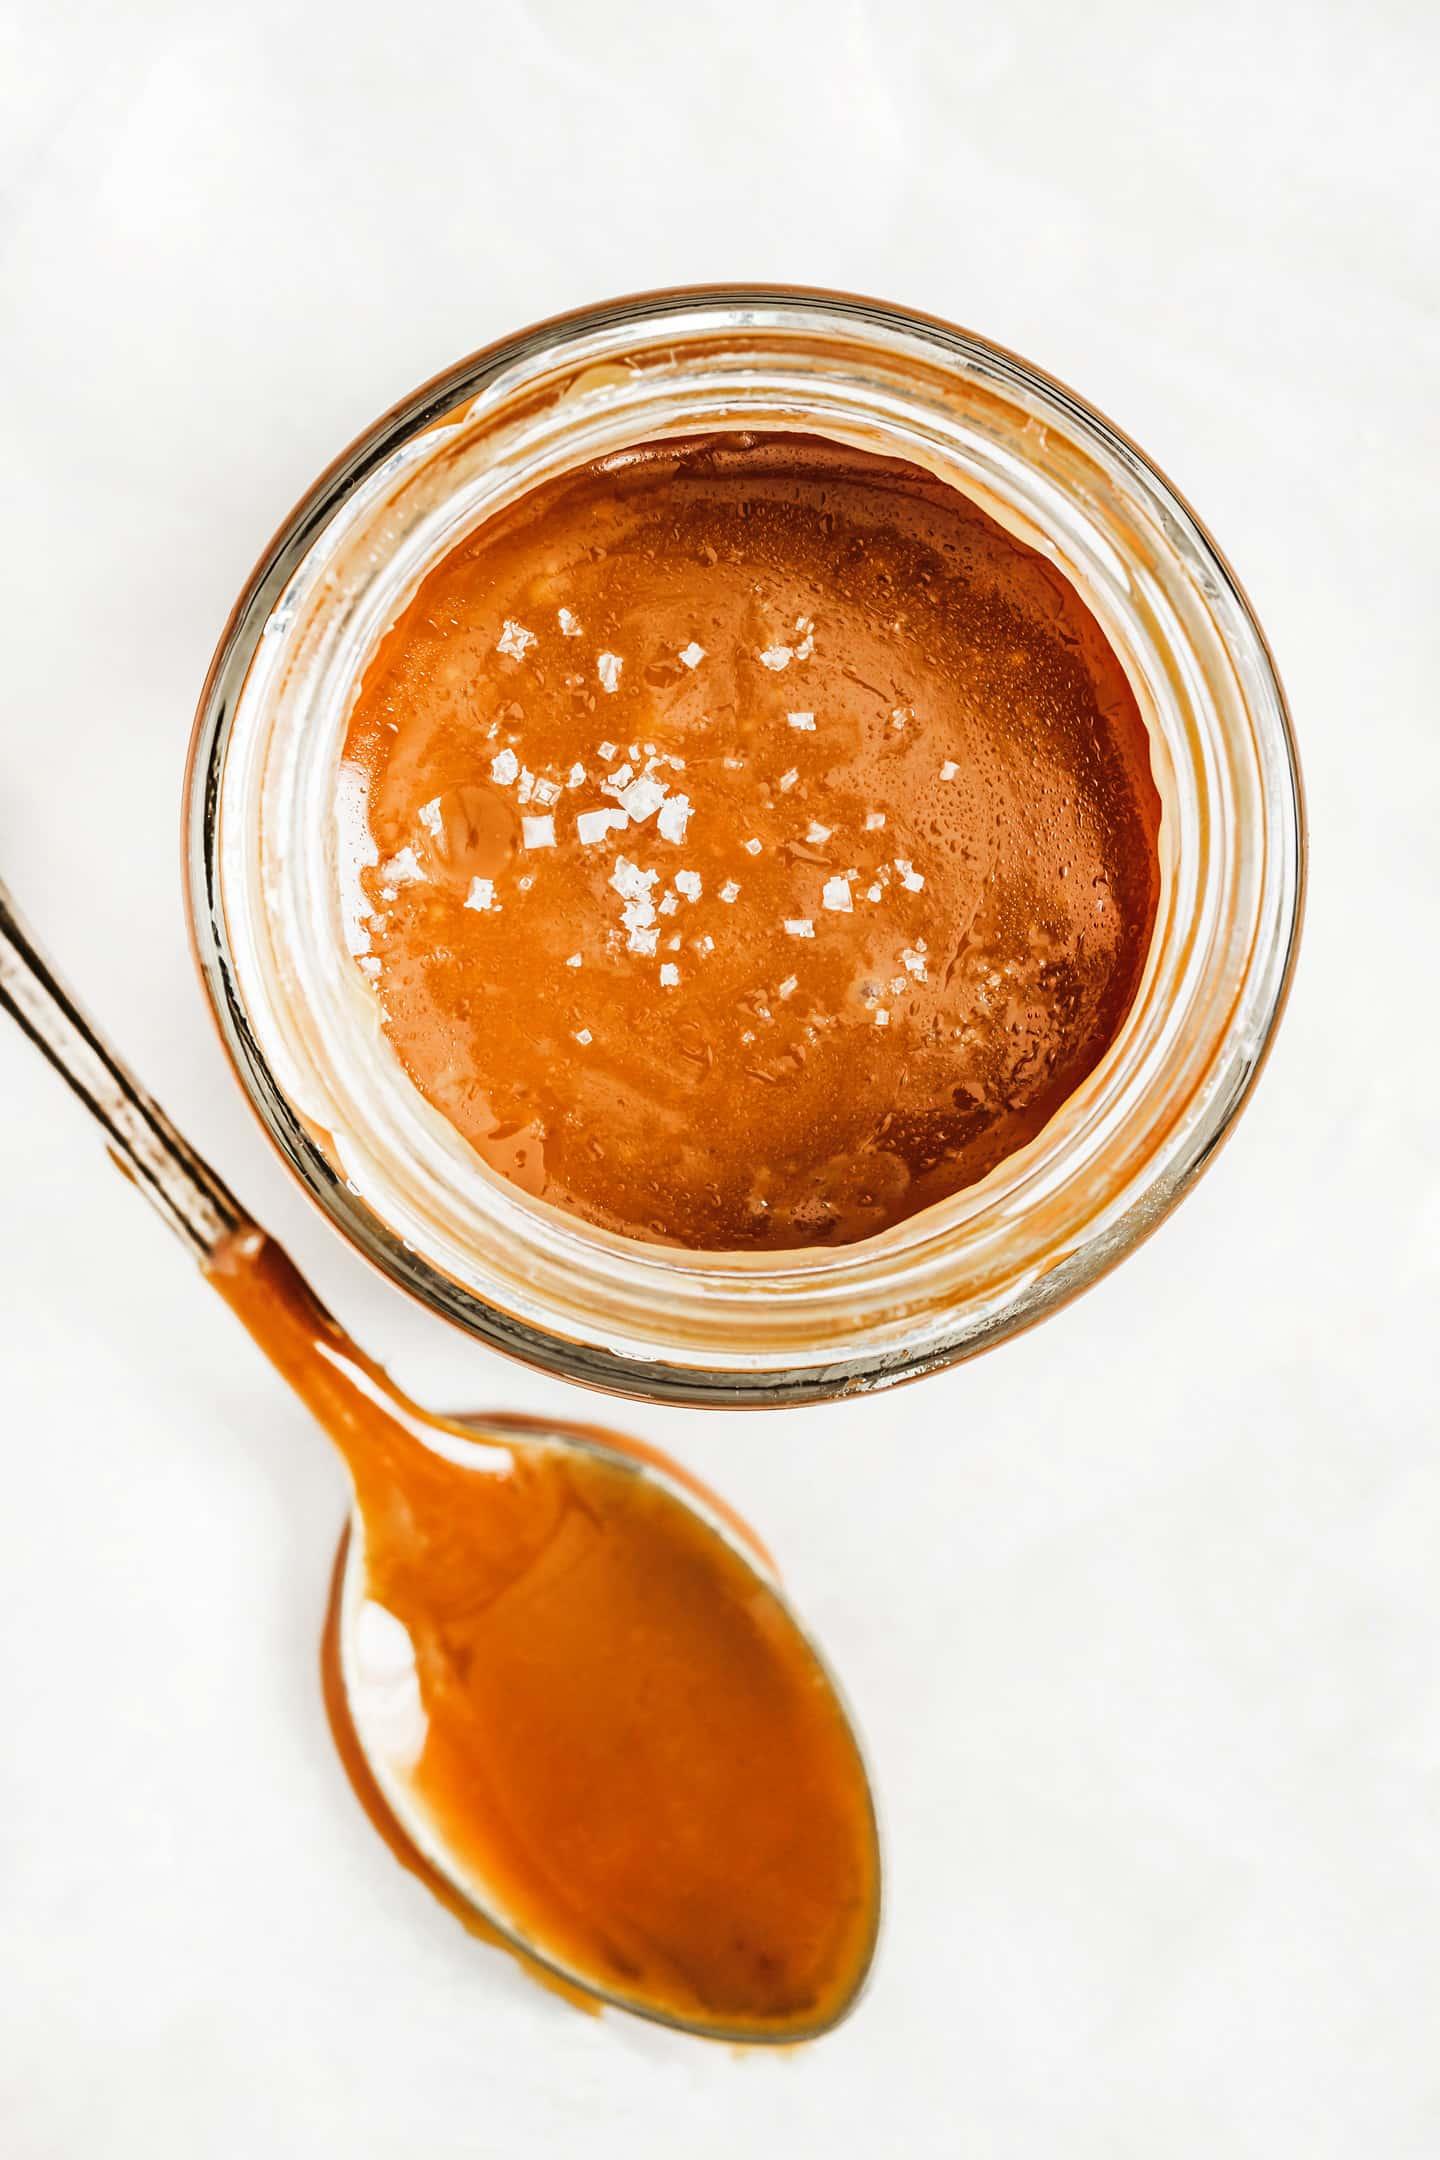 Comment faire le caramel au beurre salé maison